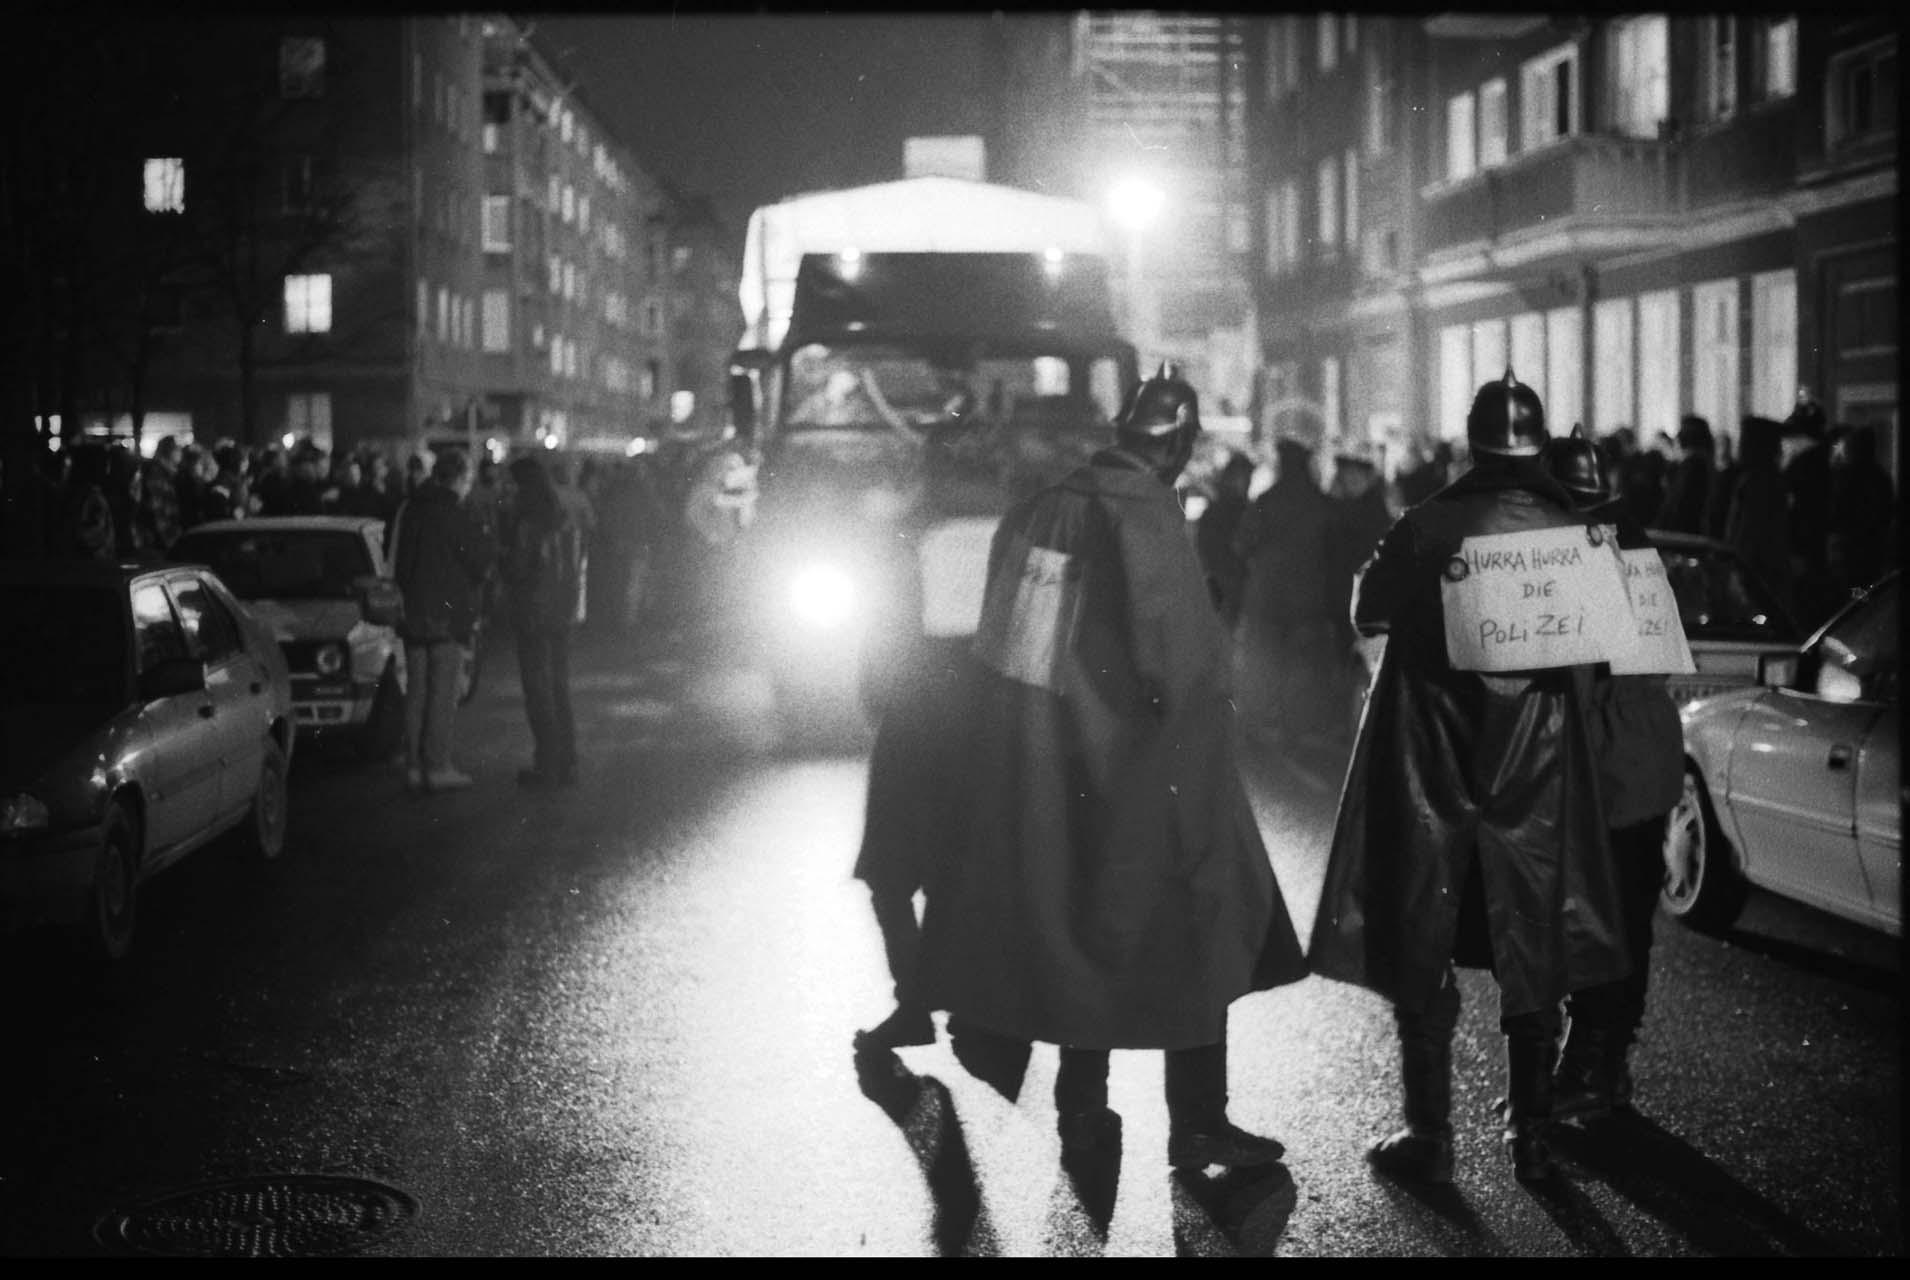 Demo gegen die Häuserräumingspolitik Schönbohms des Innensenators, 1996 Als Innensenator wegen seines Auftretens und wegen seiner mitunter unreflektierten politischen Äußerungen nicht nur gegenüber Migrant*innen und seiner Blindheit gegen über Rechtsradikalen in Kritik geraten, betonte er 1998 bei der Ankündigung seines Weggangs aus Berlin: